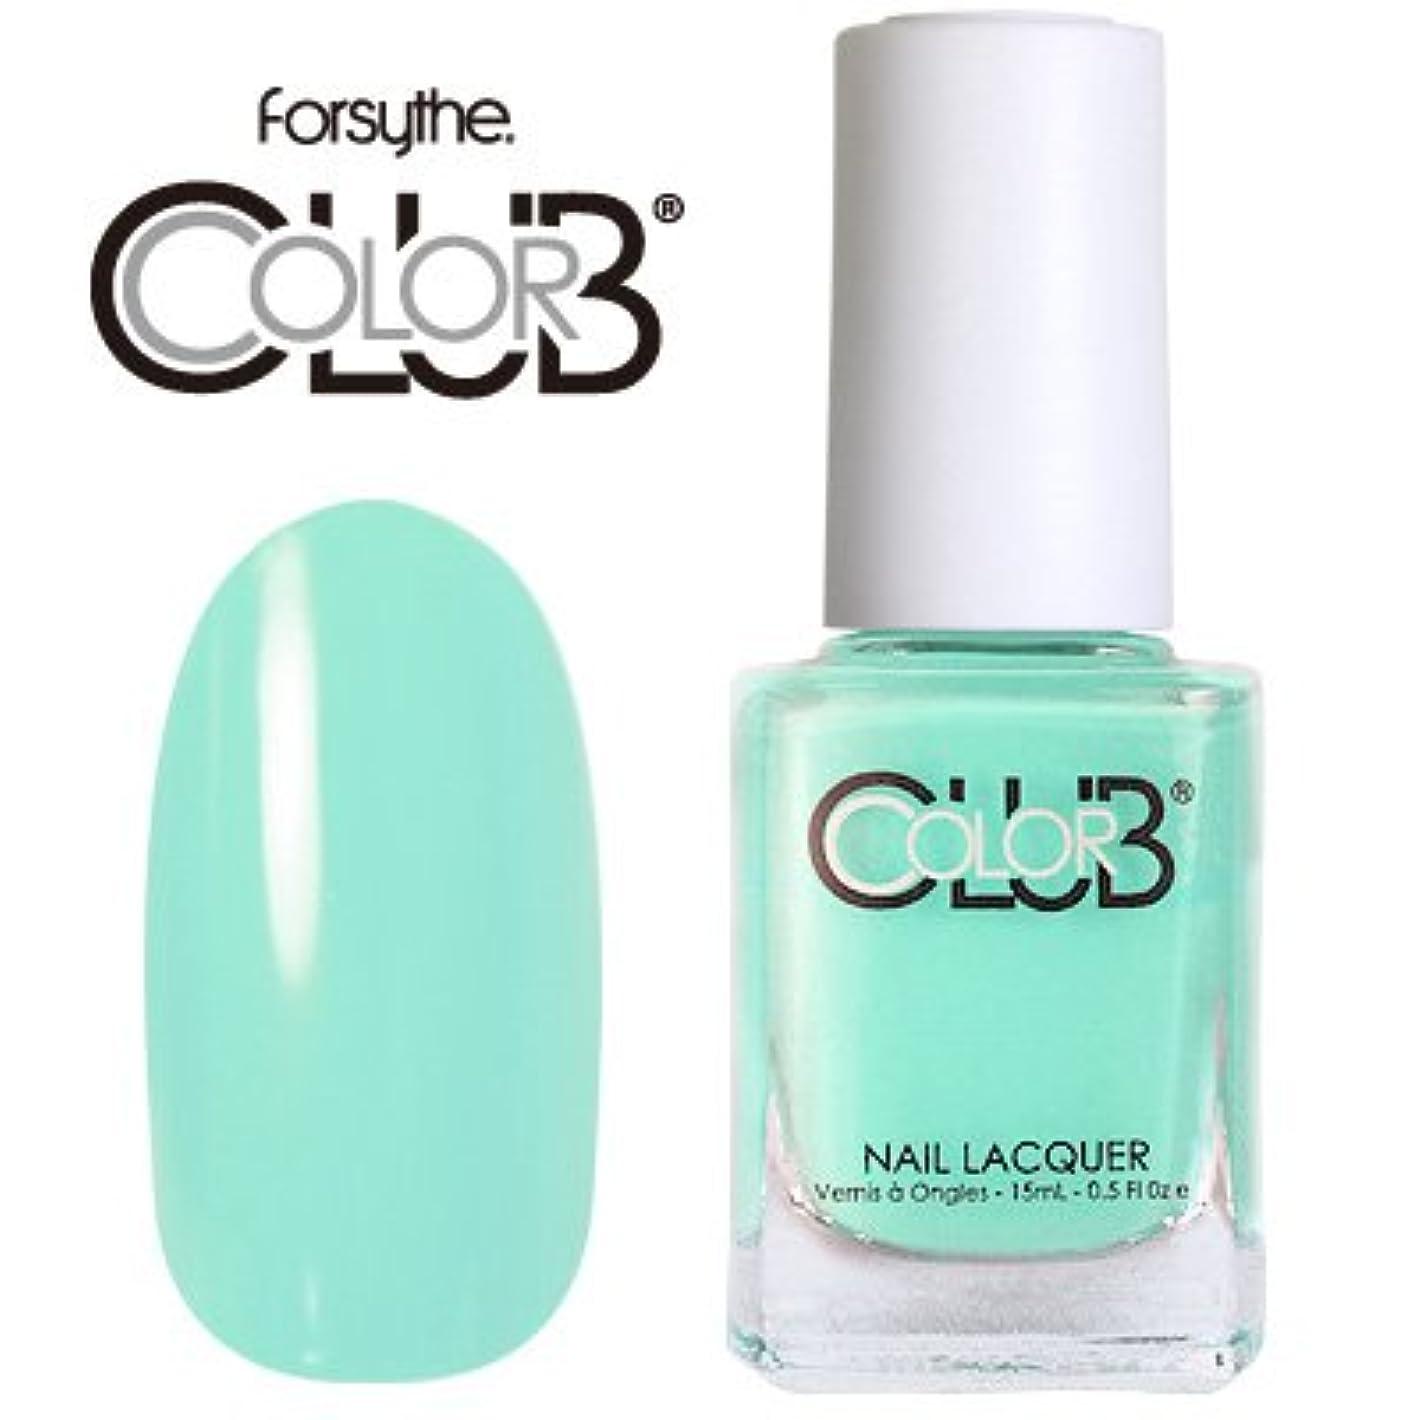 ウィンク和連隊フォーサイス カラークラブ 954/Blue-ming 【forsythe COLOR CLUB】【ネイルラッカー】【マニキュア】